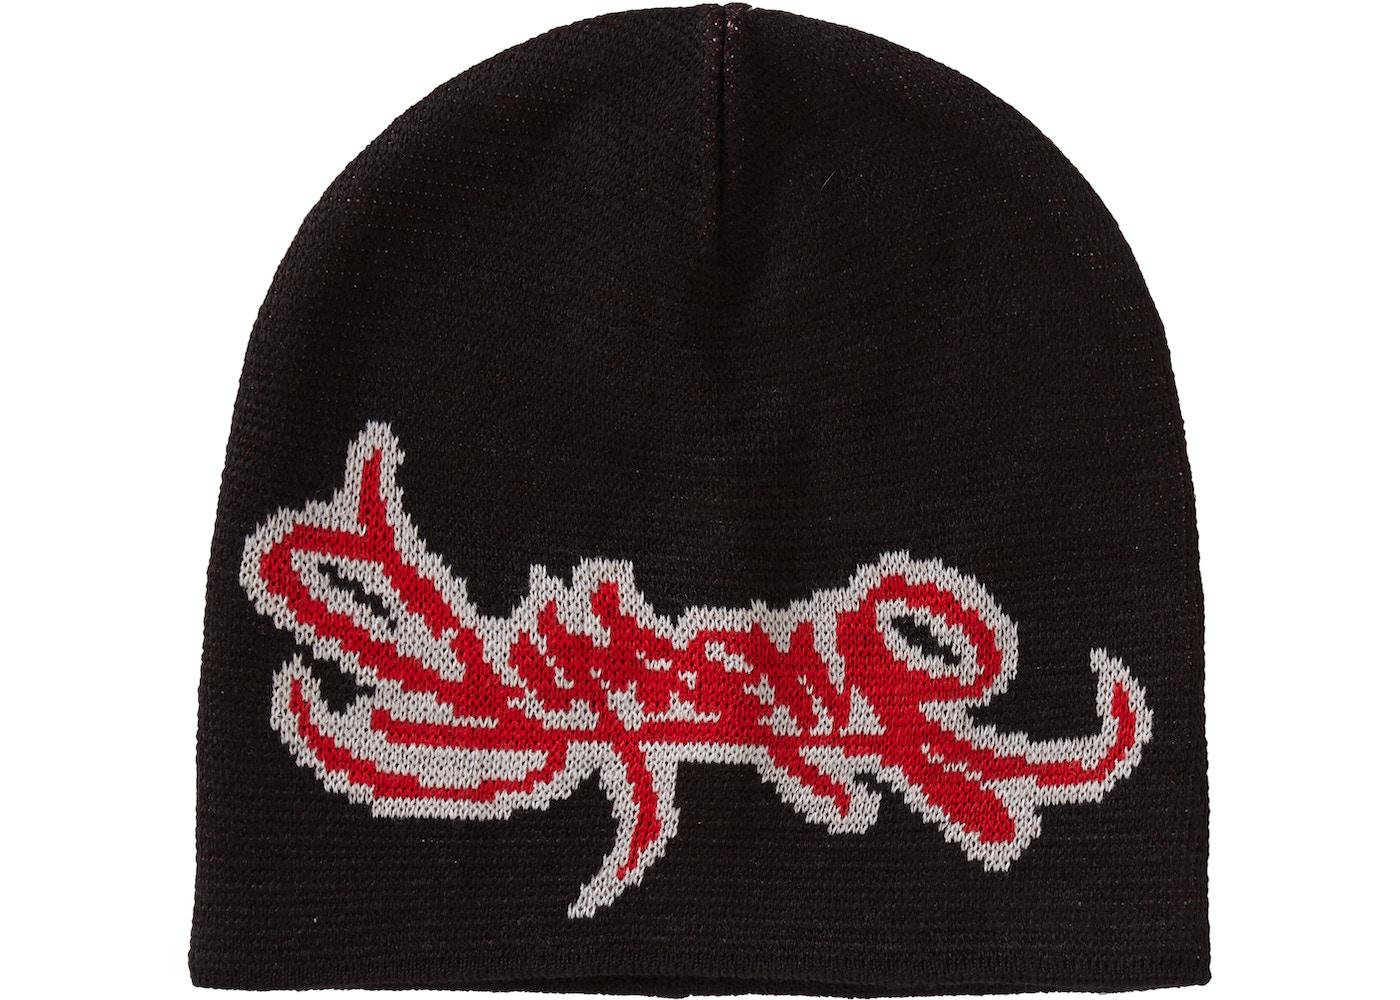 52f3fe1346d Streetwear - Supreme Headwear - New Highest Bids